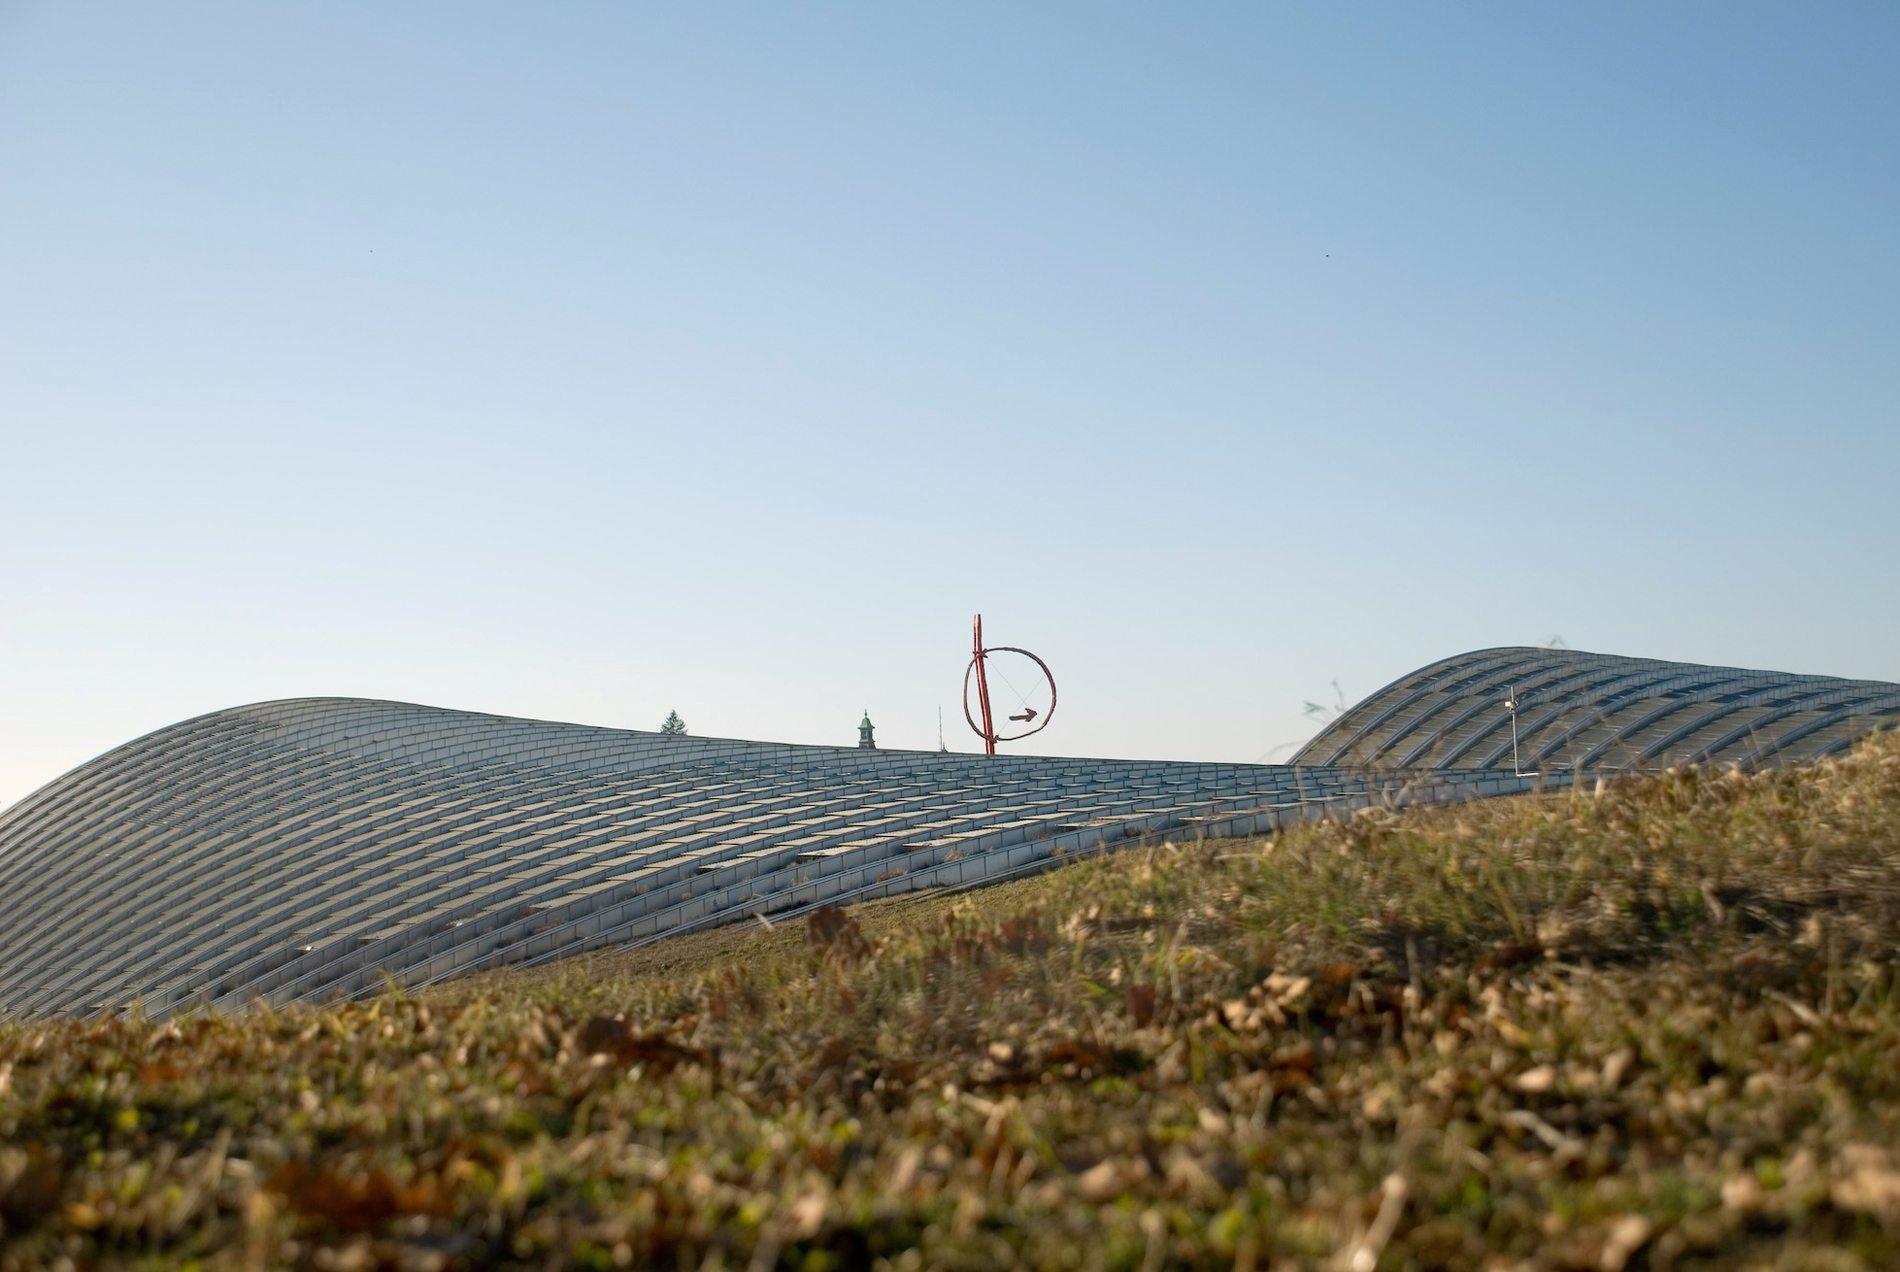 Zentrum Paul Klee.  Große Teile des ZPK befinden sich in den Untergeschossen. Rund 180.000 Kubikmeter Erdmasse wurden mit fast 15.000 Lastwagenfahrten auf dem Gelände bewegt.